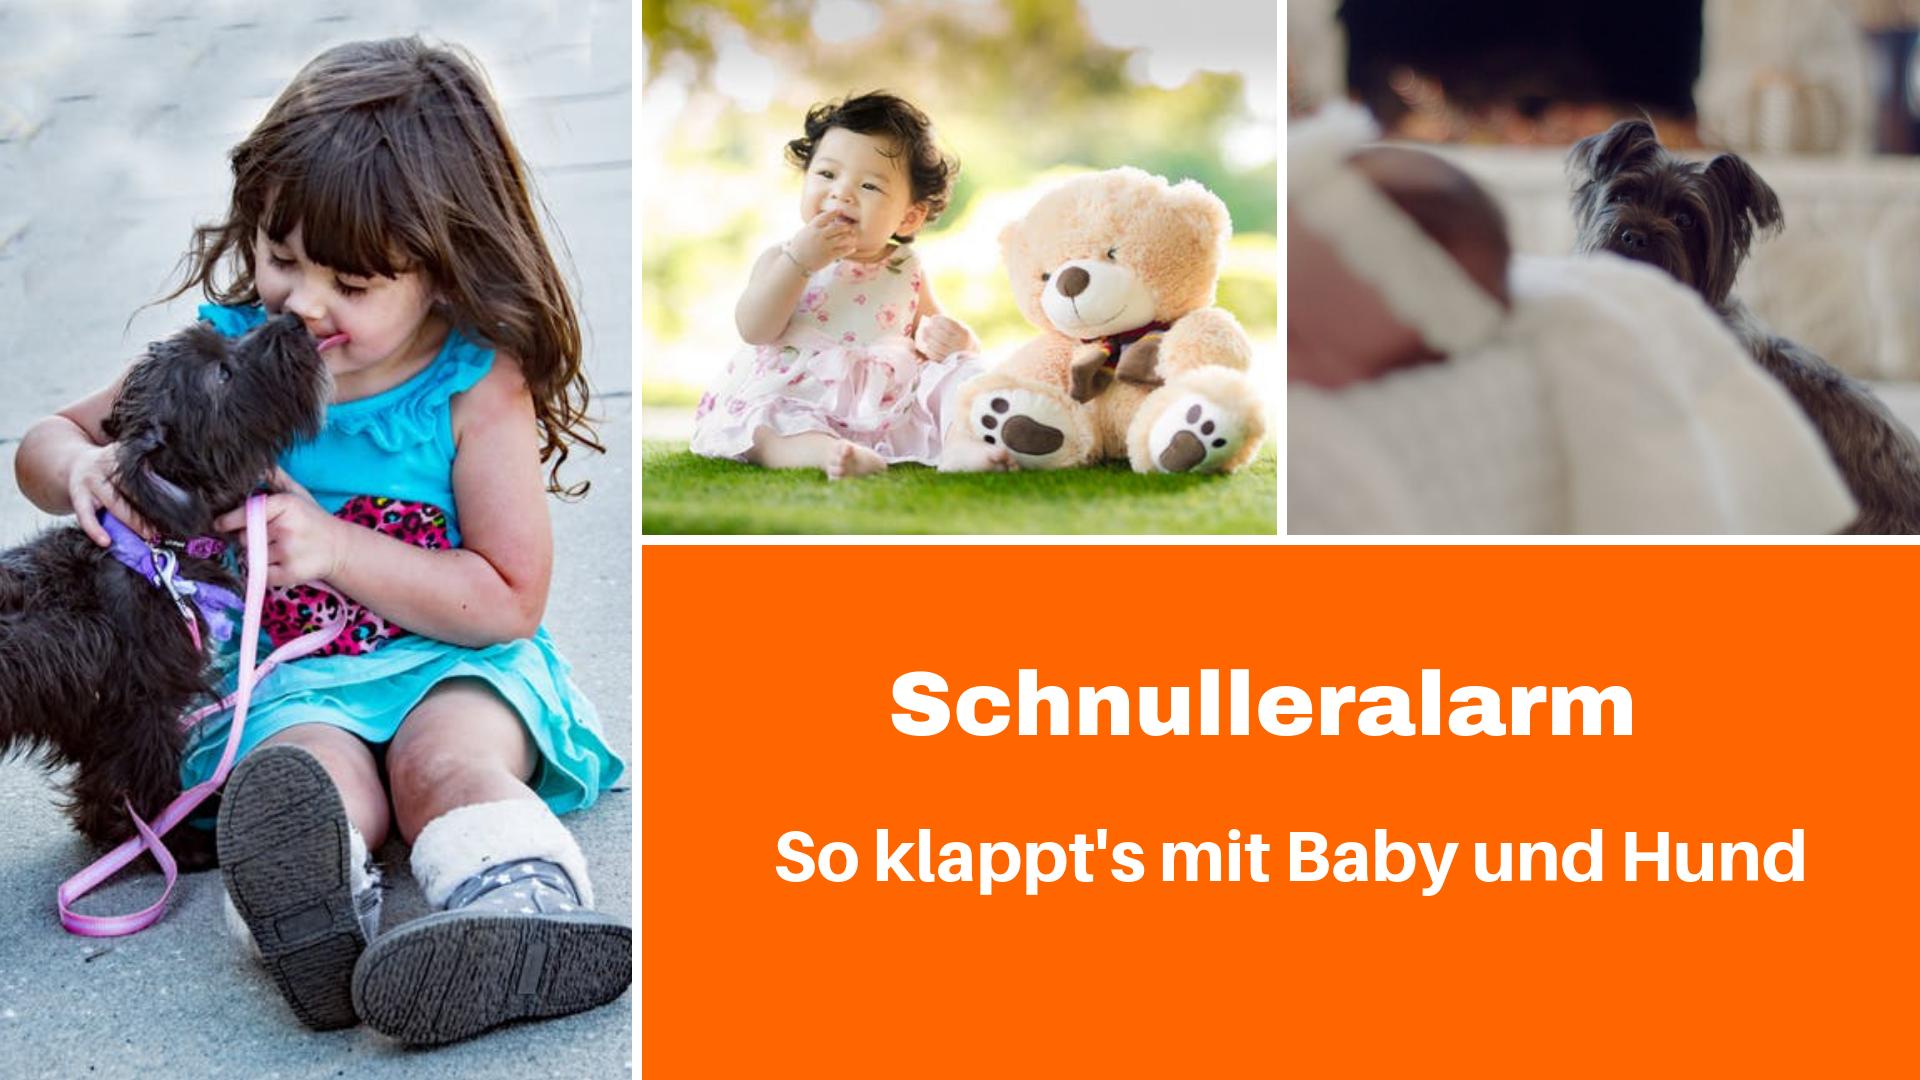 So klappt's mit Baby und Hund, Onlinevortrag